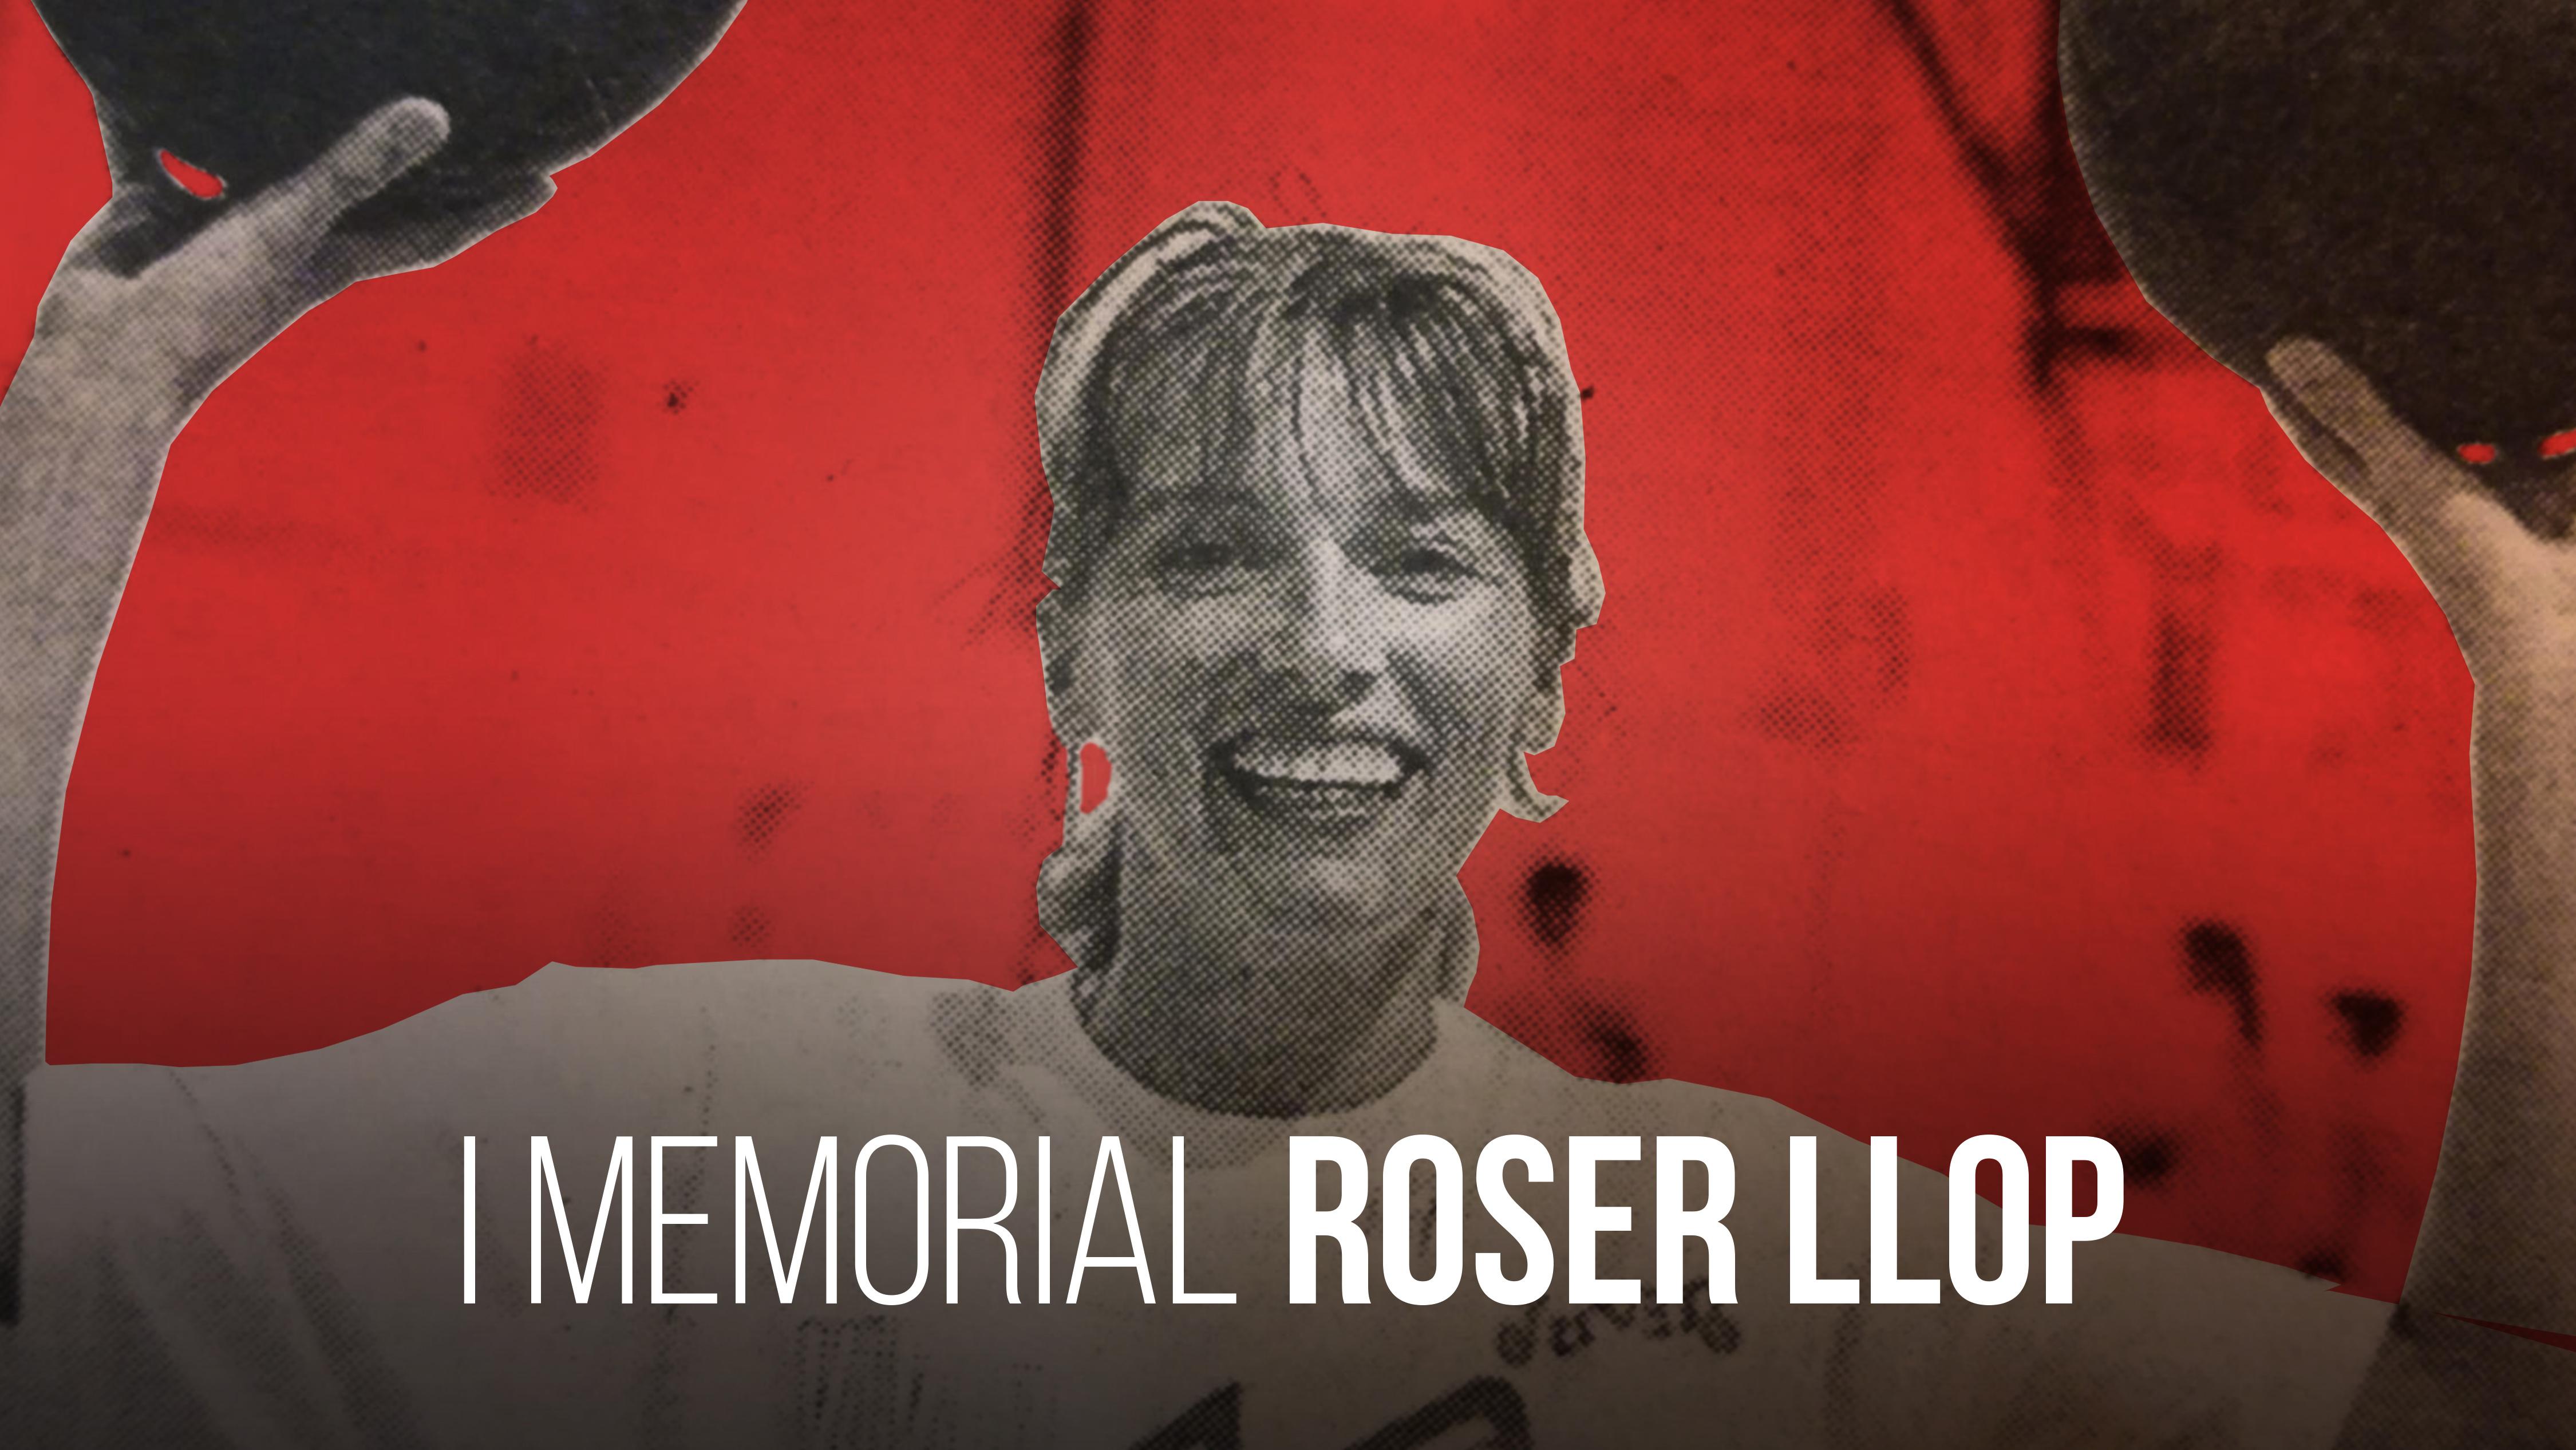 MEMORIAL ROSER LLOP